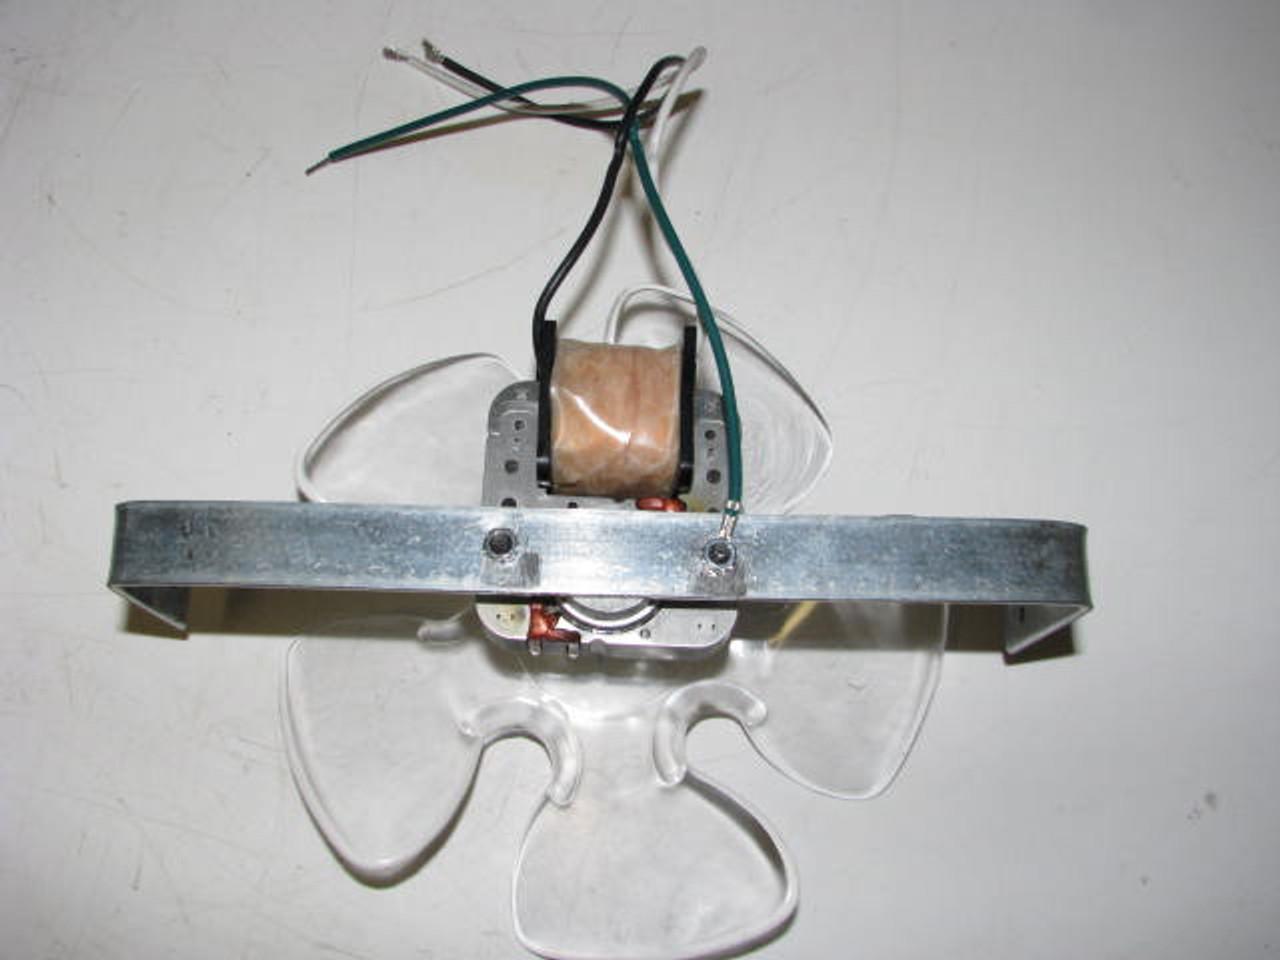 Spartan Bathroom Vent Fan Replacement Kit (CBP033)